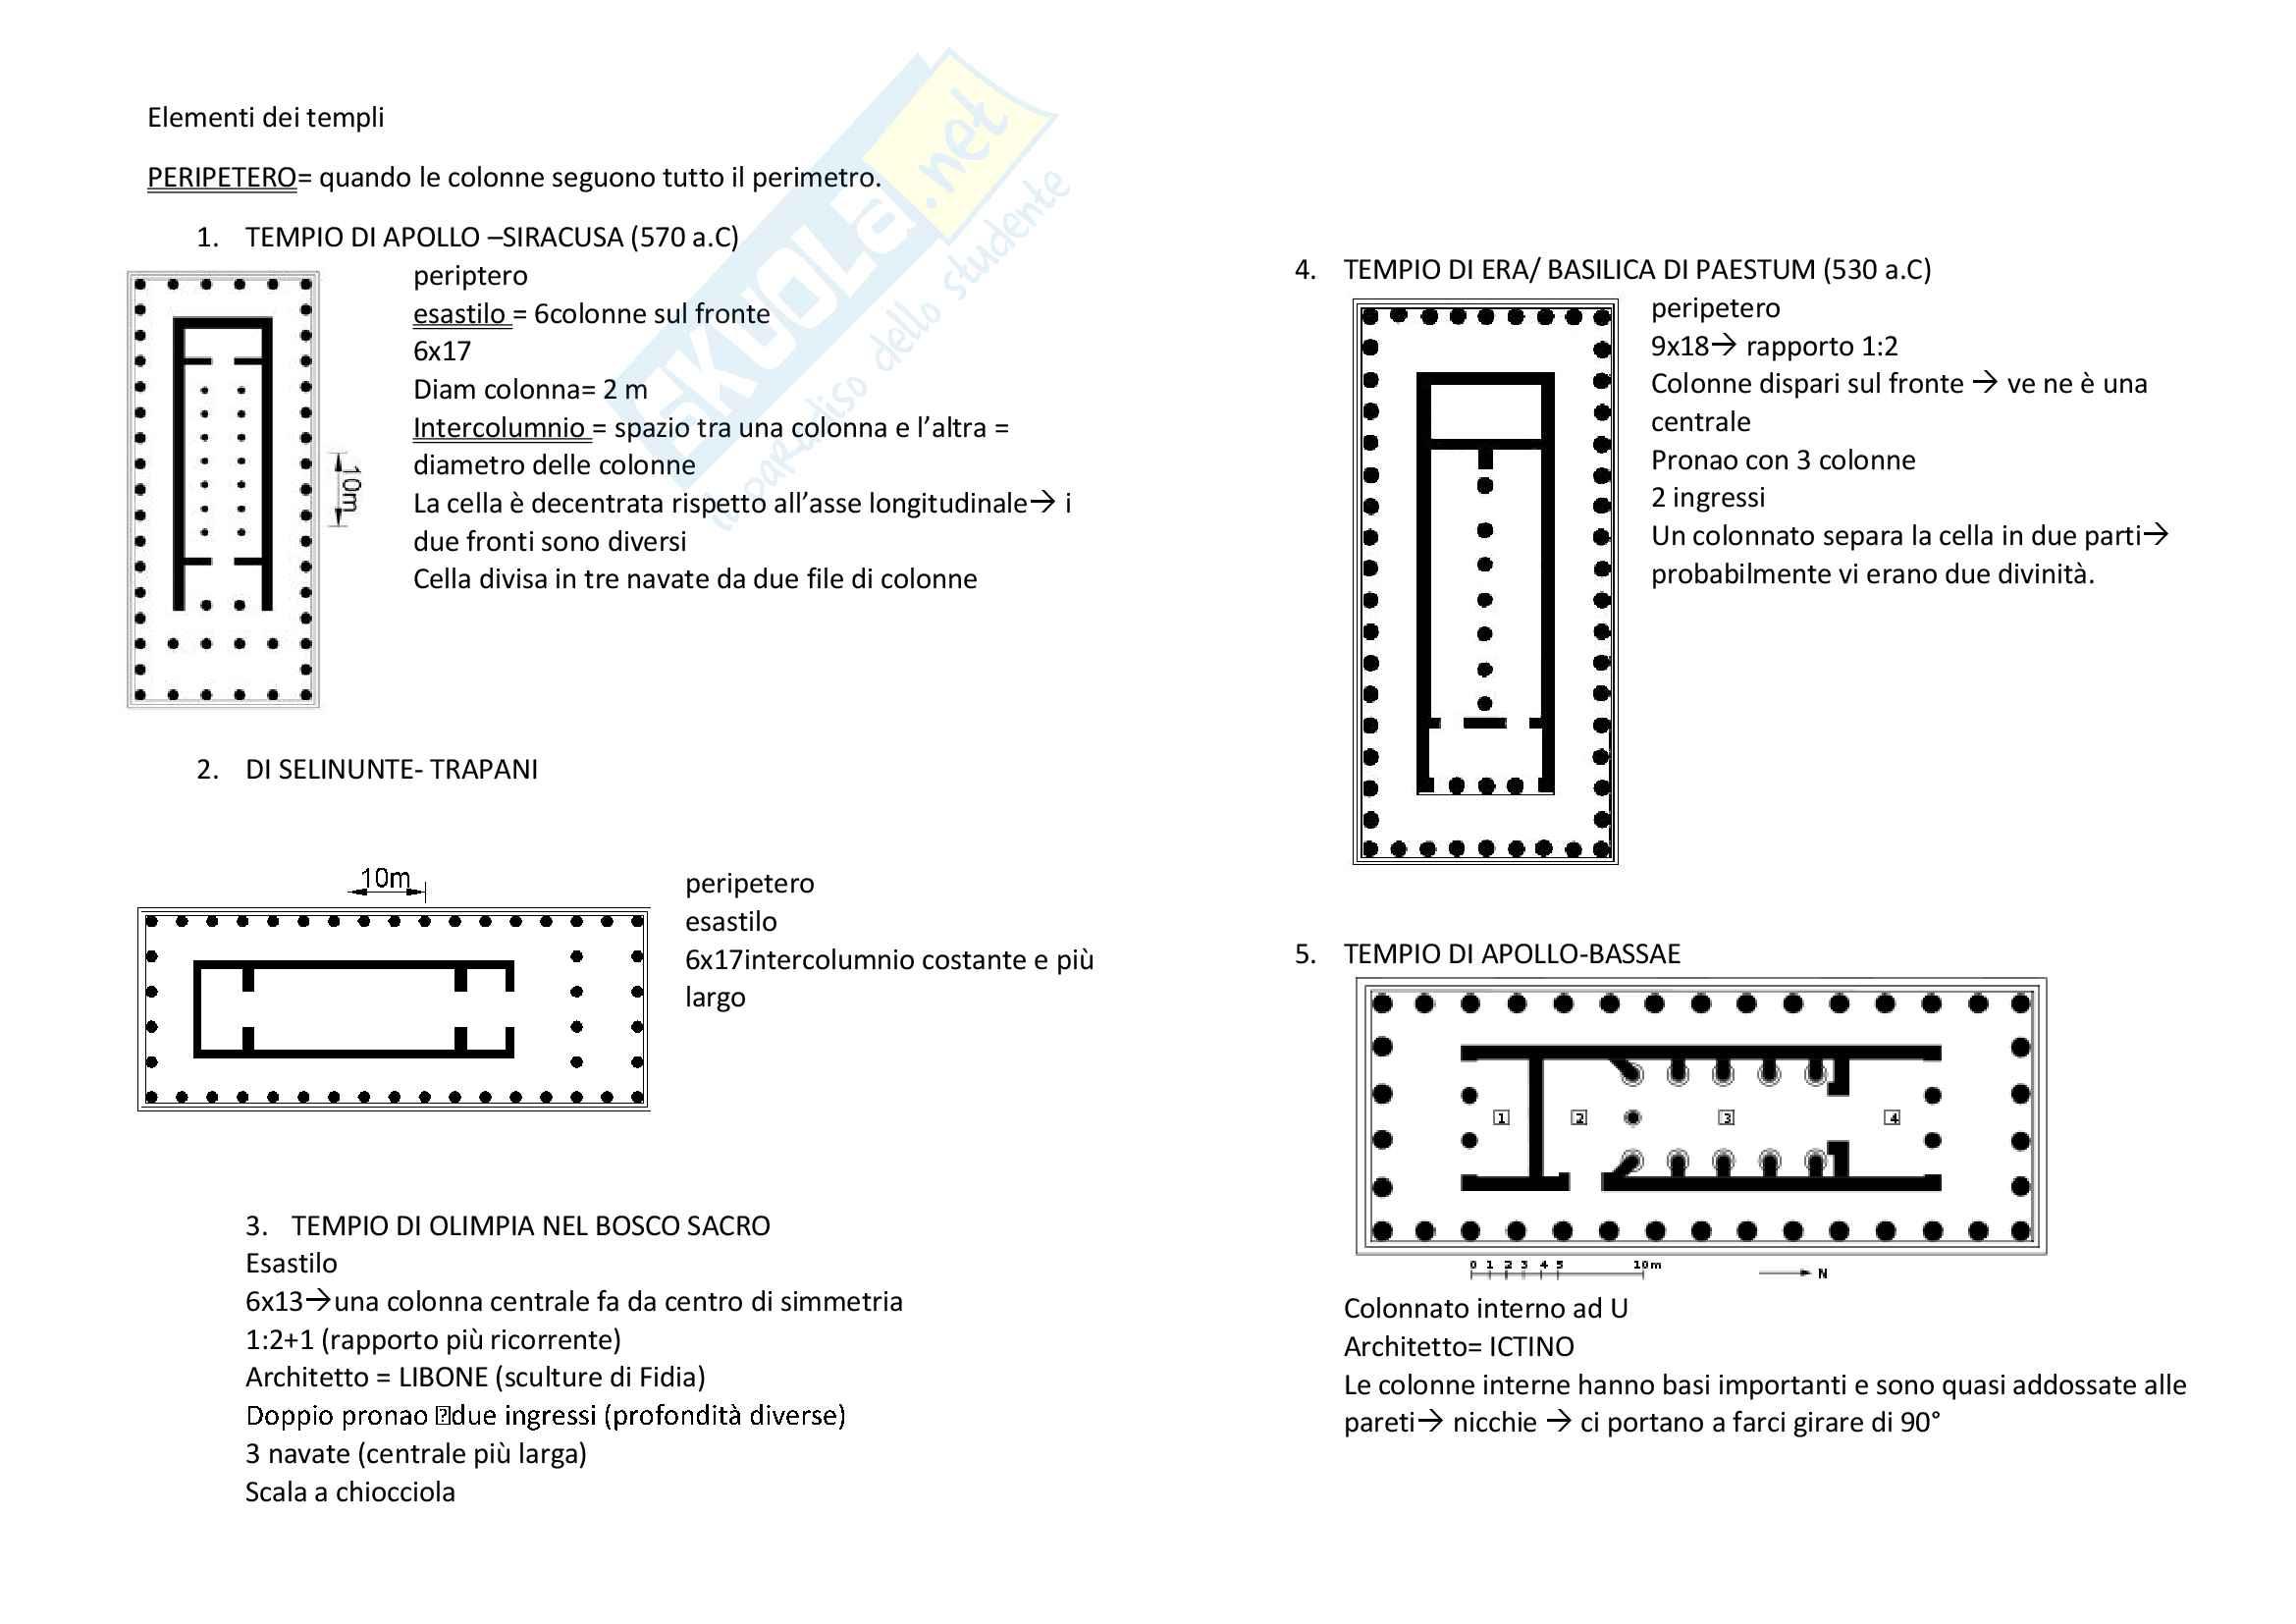 Storia dell'architettura dalle origini al '600 Pag. 2